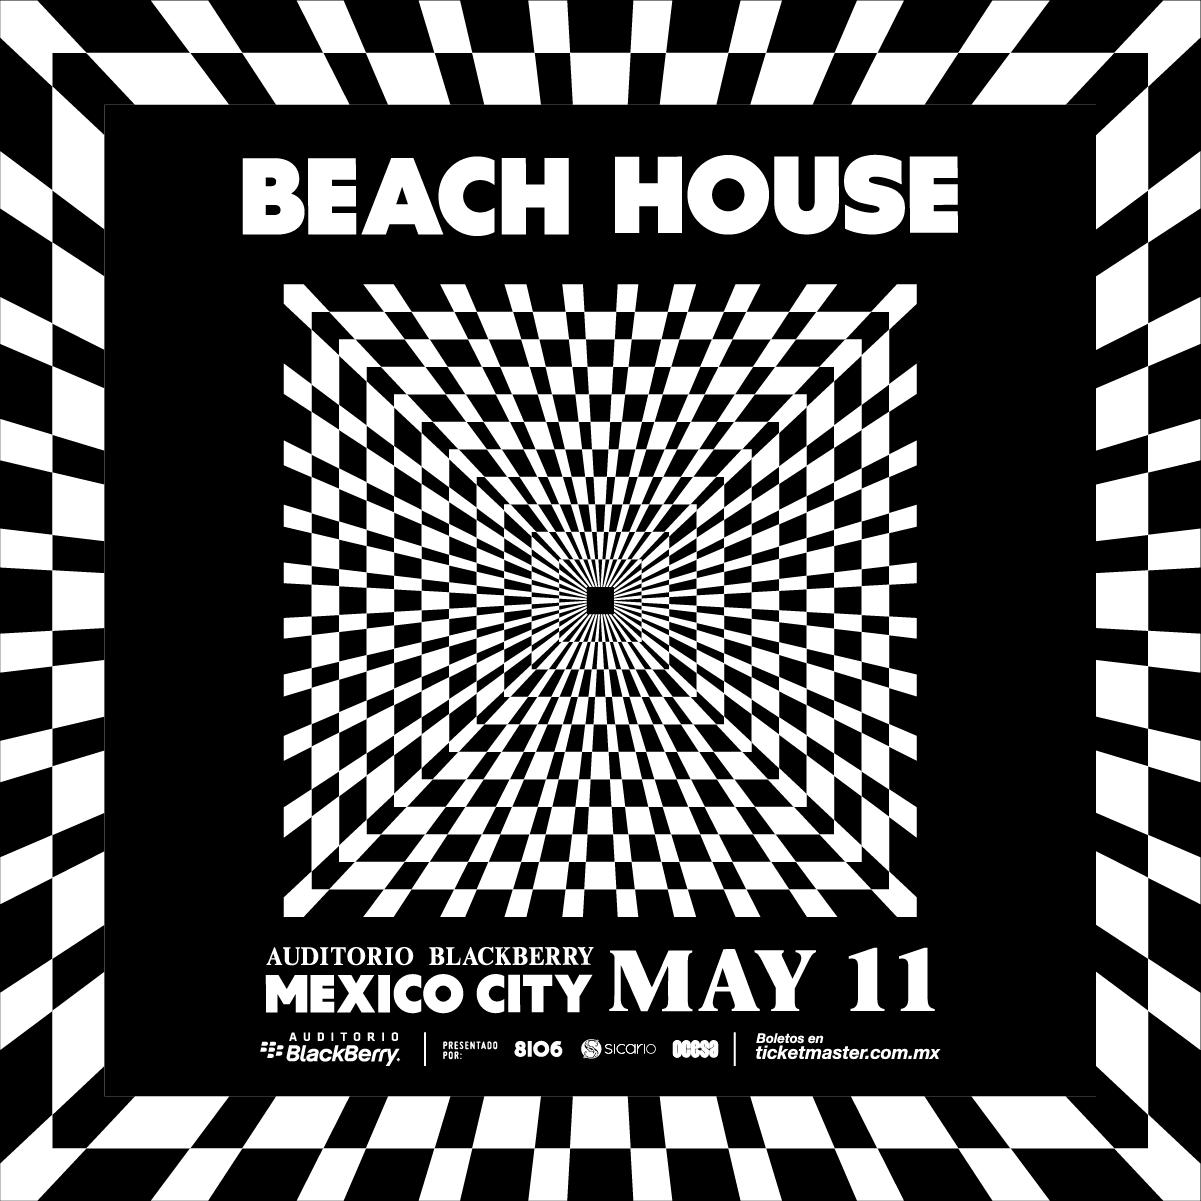 BEACH HOUSE ESTARÁ DE REGRESO EN LA CIUDAD DE MÉXICO